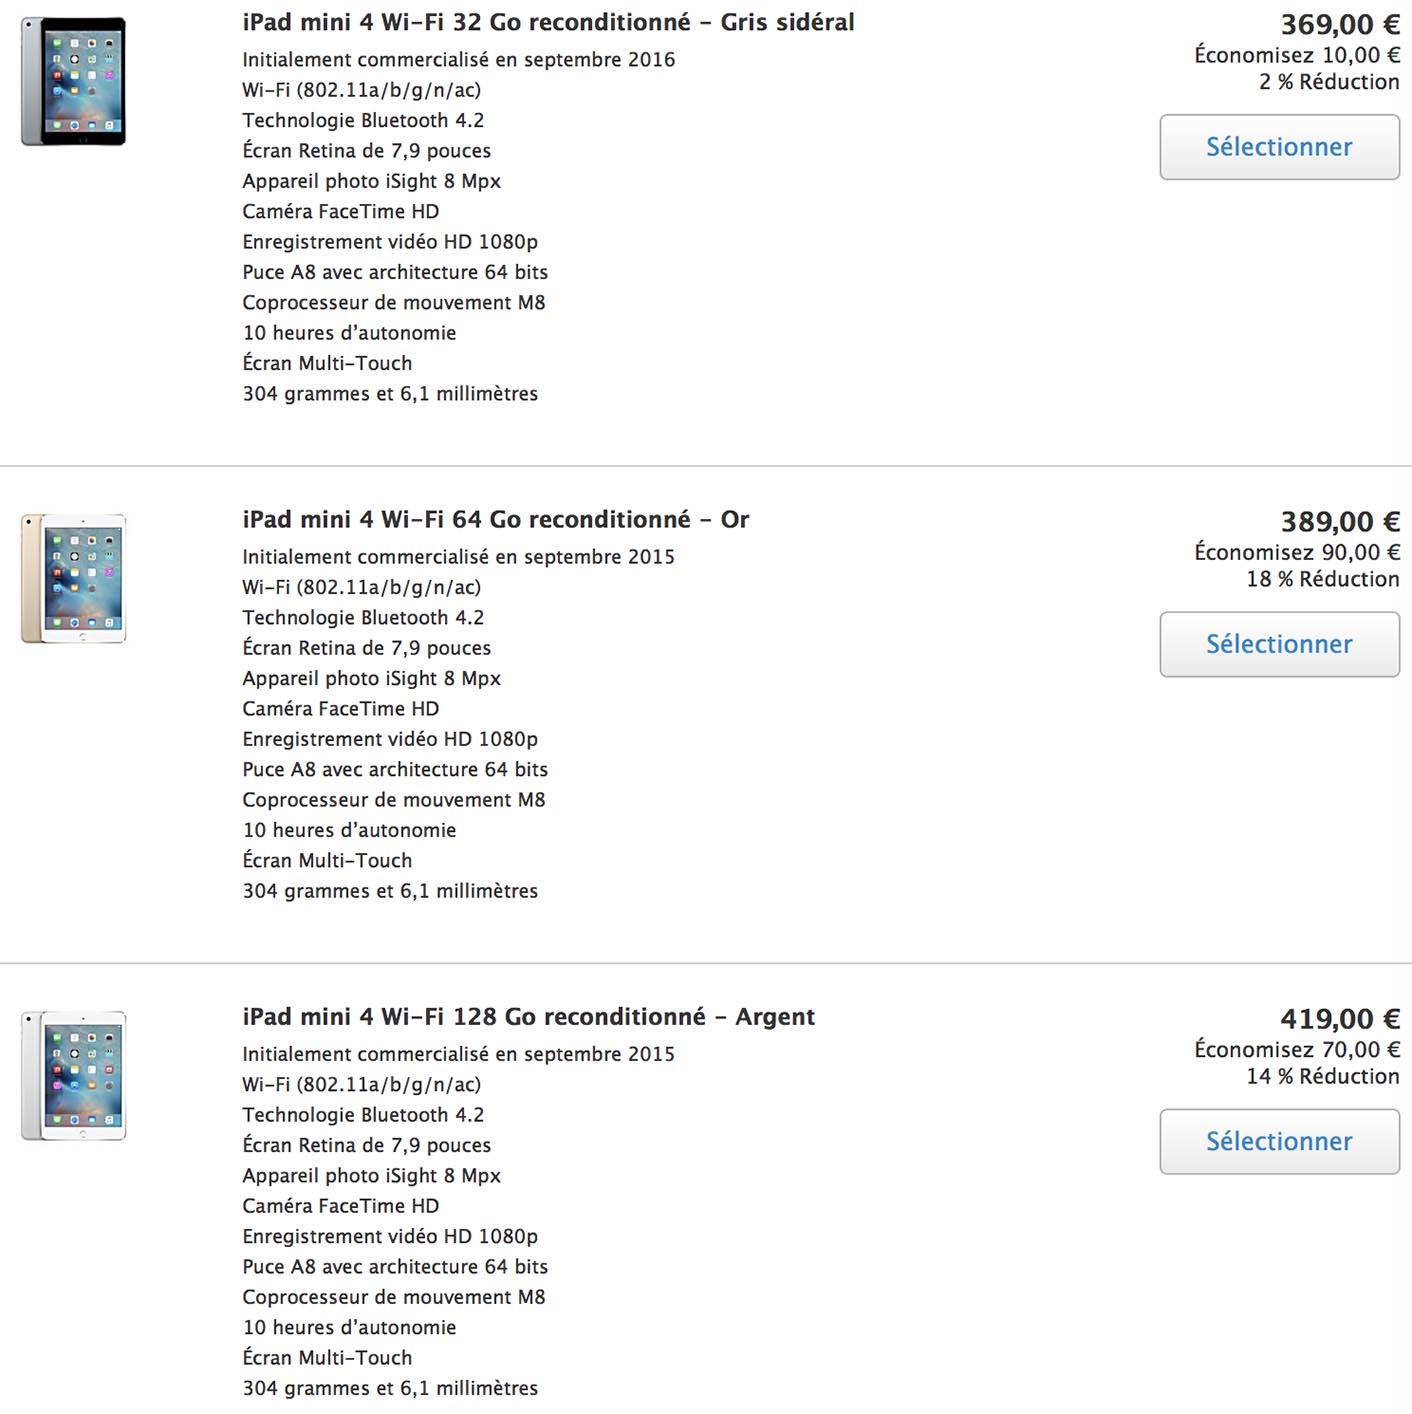 iPad mini 4 Refurb Store